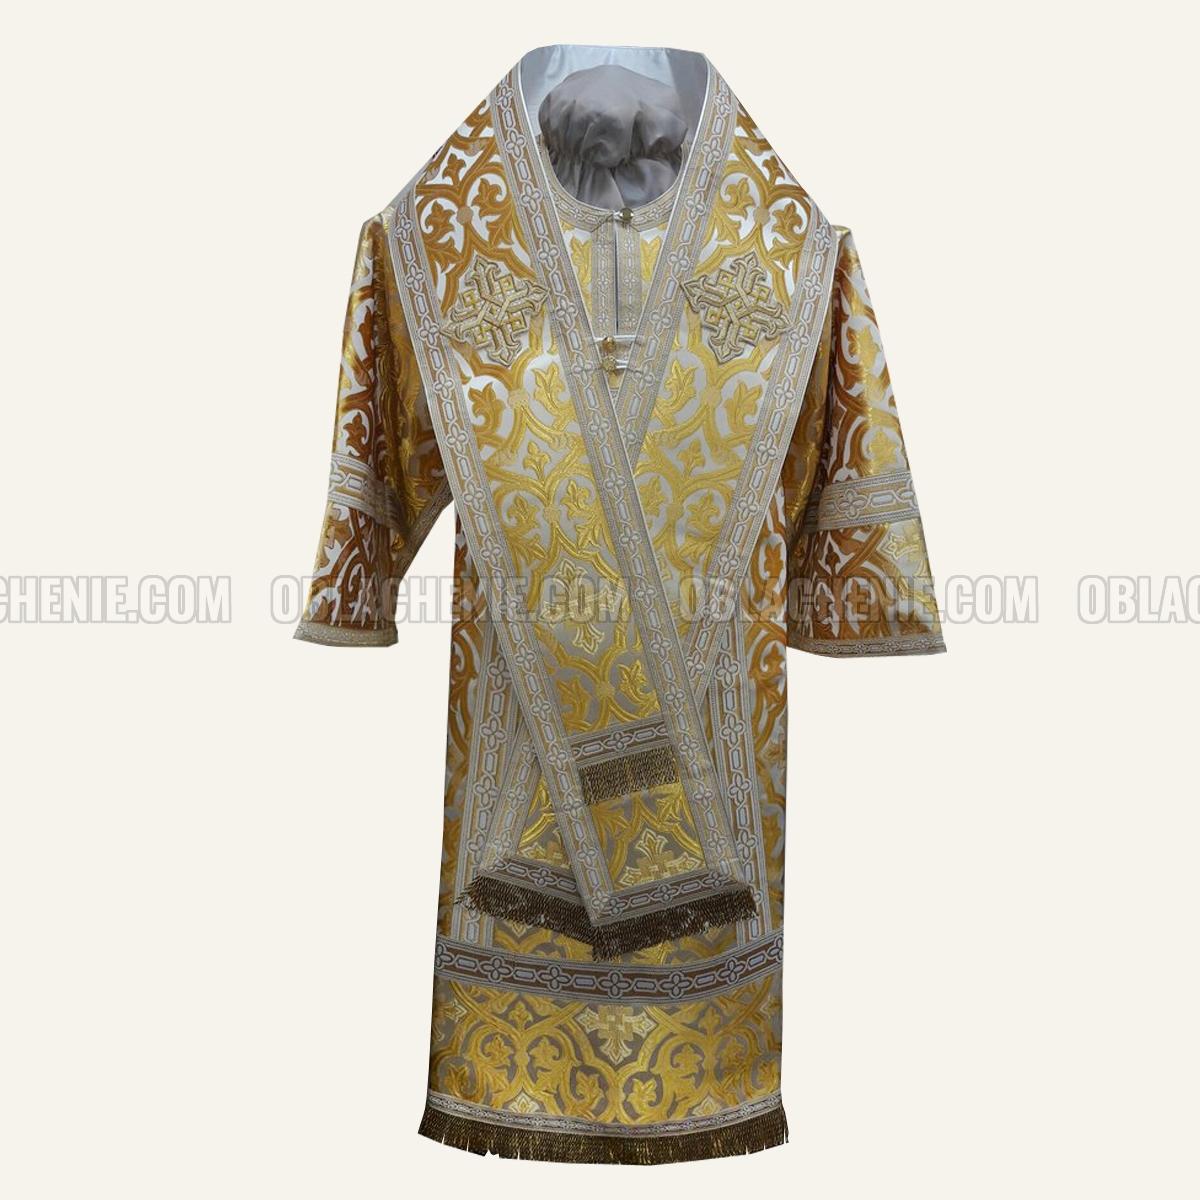 Bishop's vestments 10267